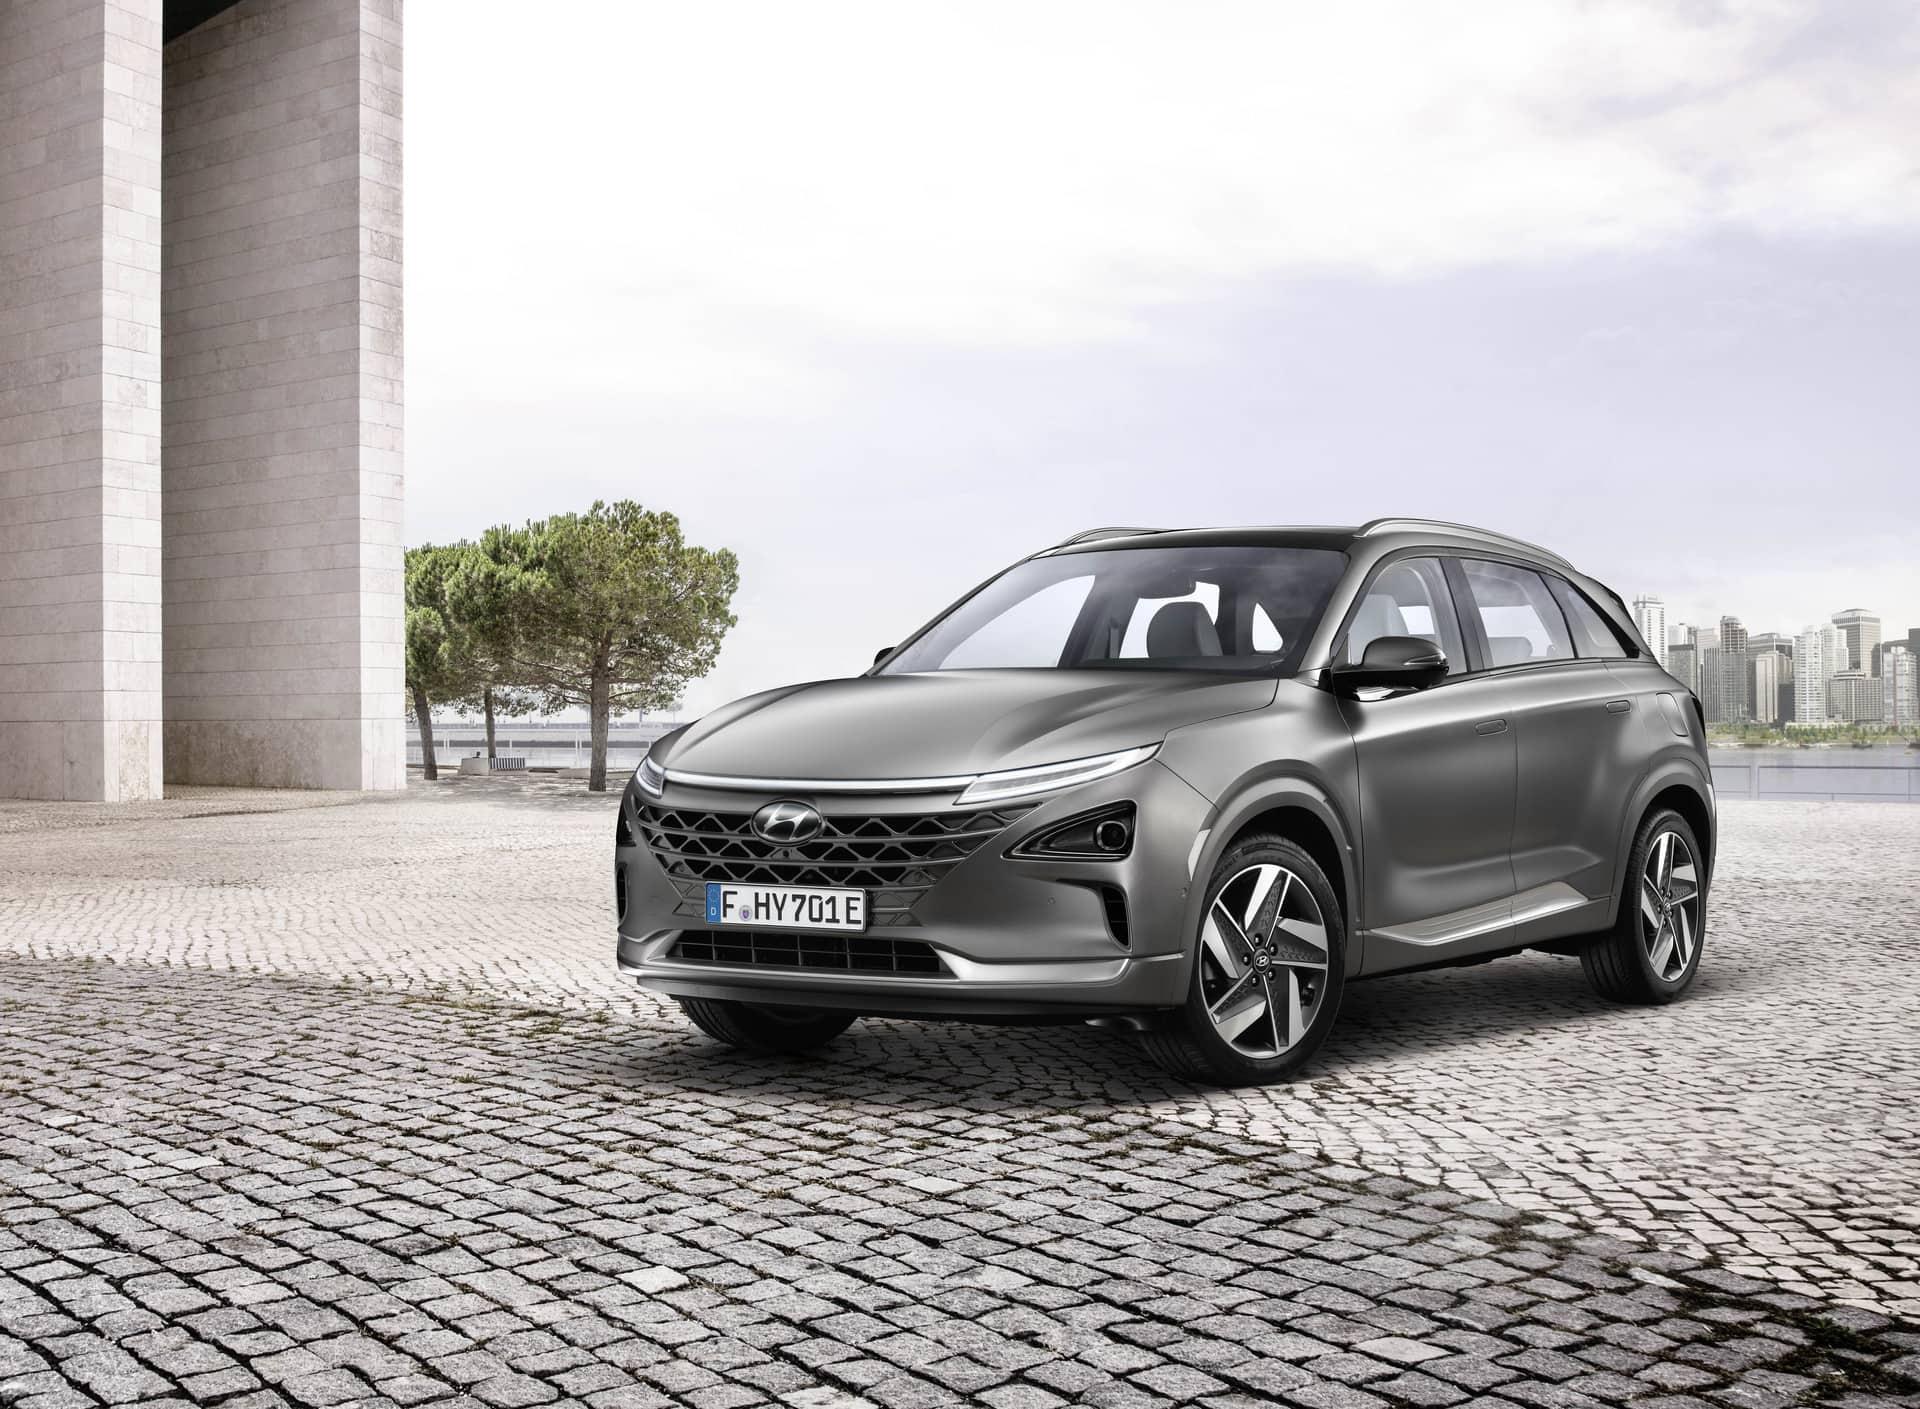 Genf 2018: Nexo zeigt die Hyundai-Zukunft - AutoSprintCH